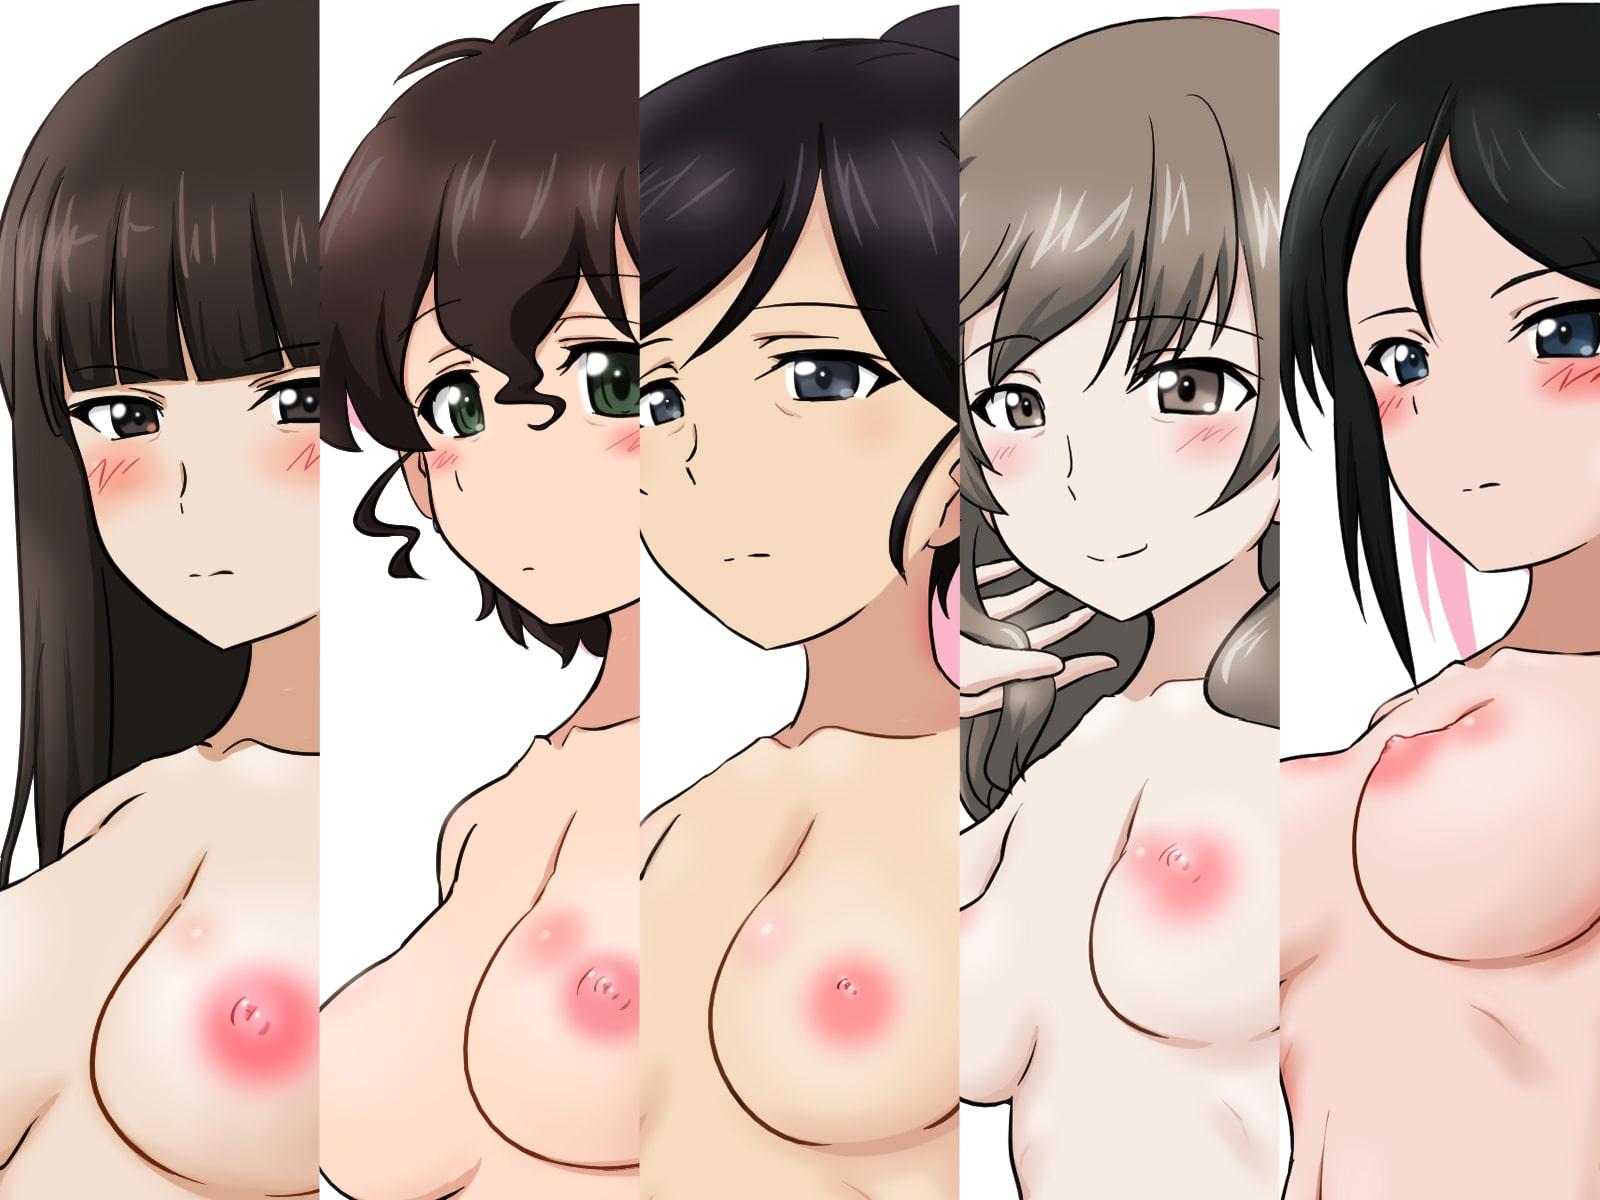 性教育教材になった女たち -戦車少女のママ+A篇-